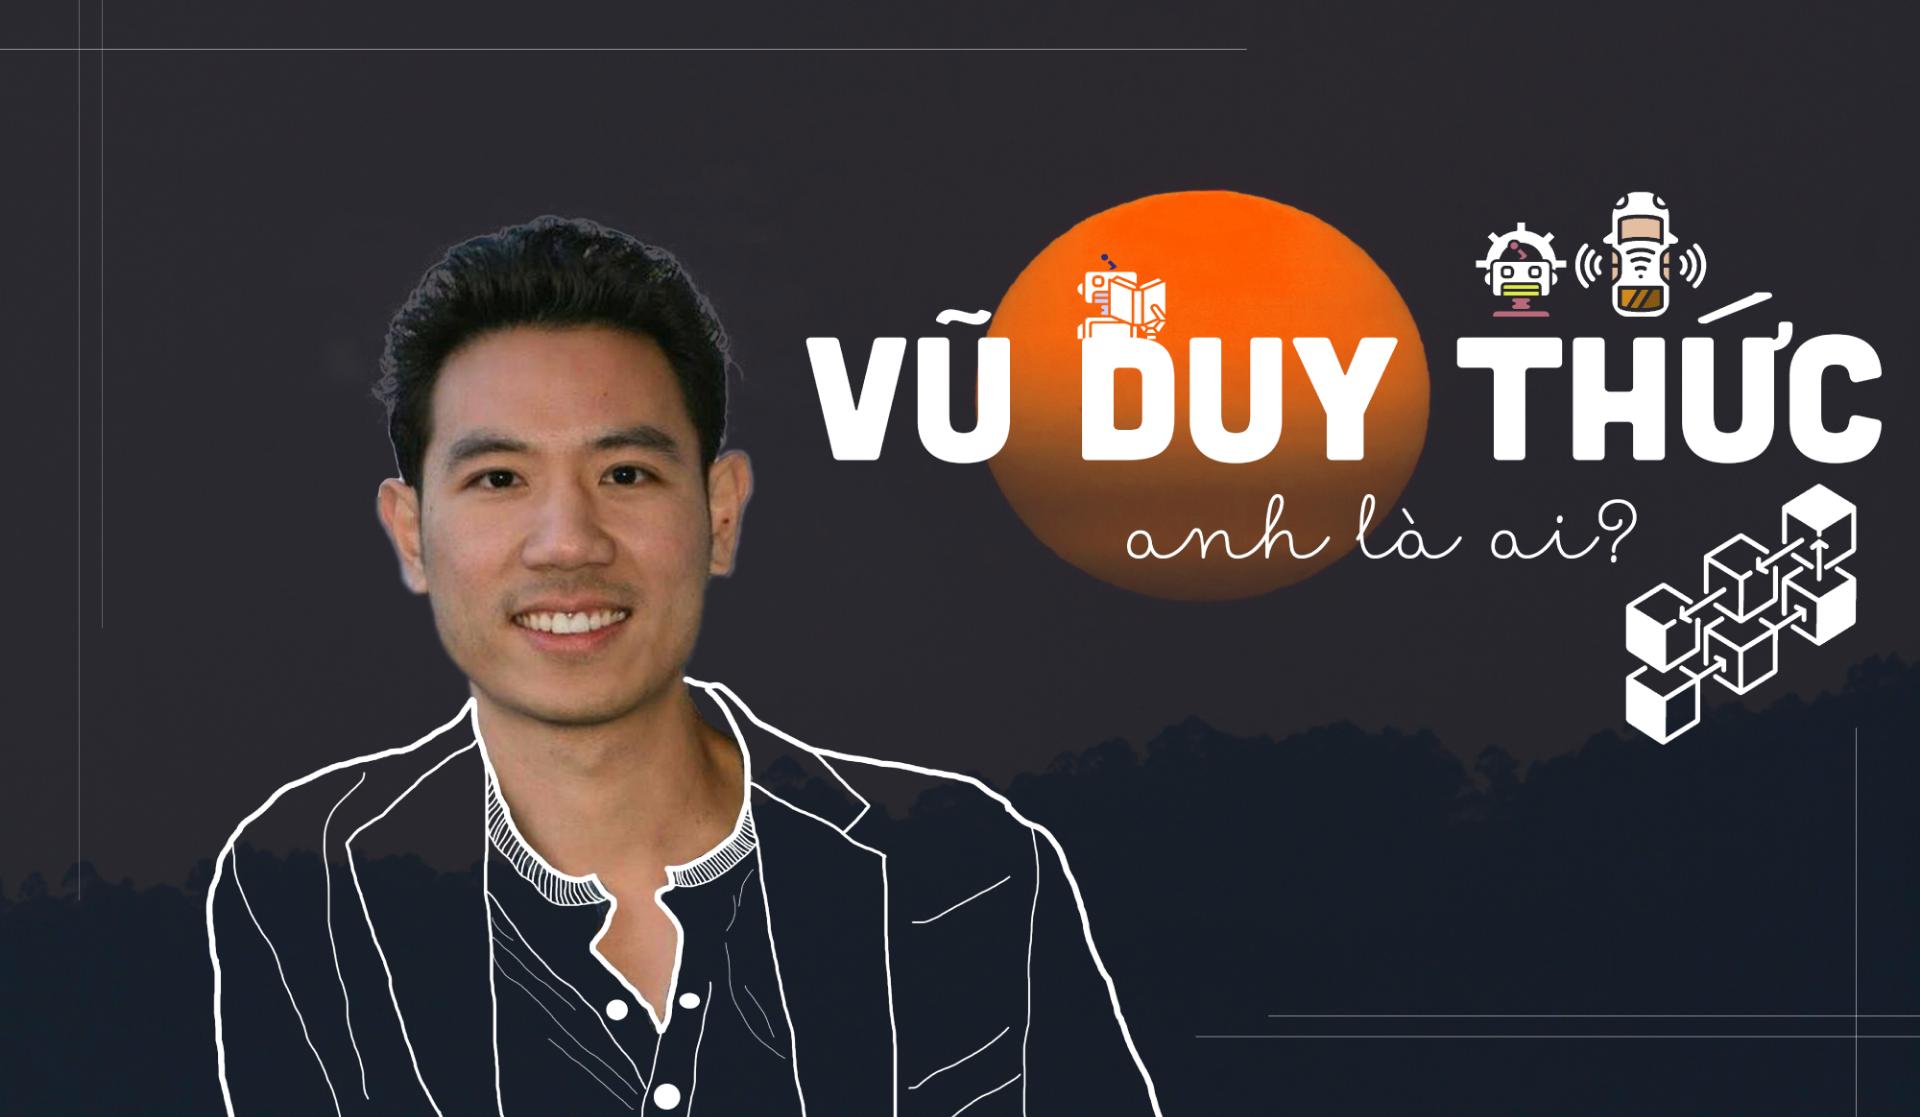 Thiếu kết nối là điểm yếu lớn của startup Việt